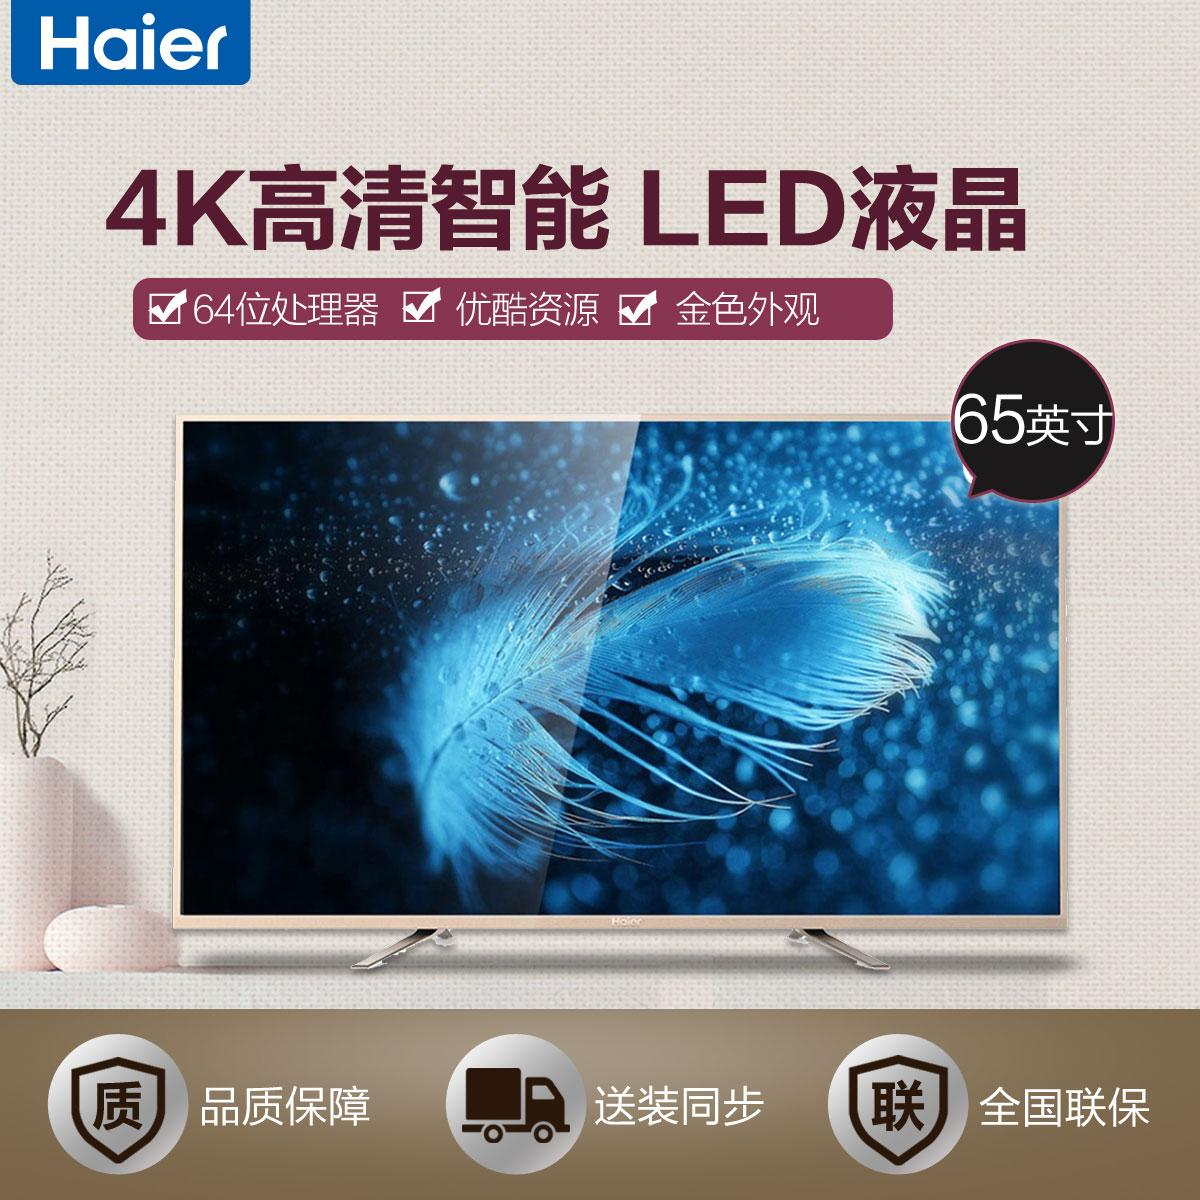 Haier/海尔 彩电 LS65A51  65英寸超高清人工鸿运国际hv522电视机